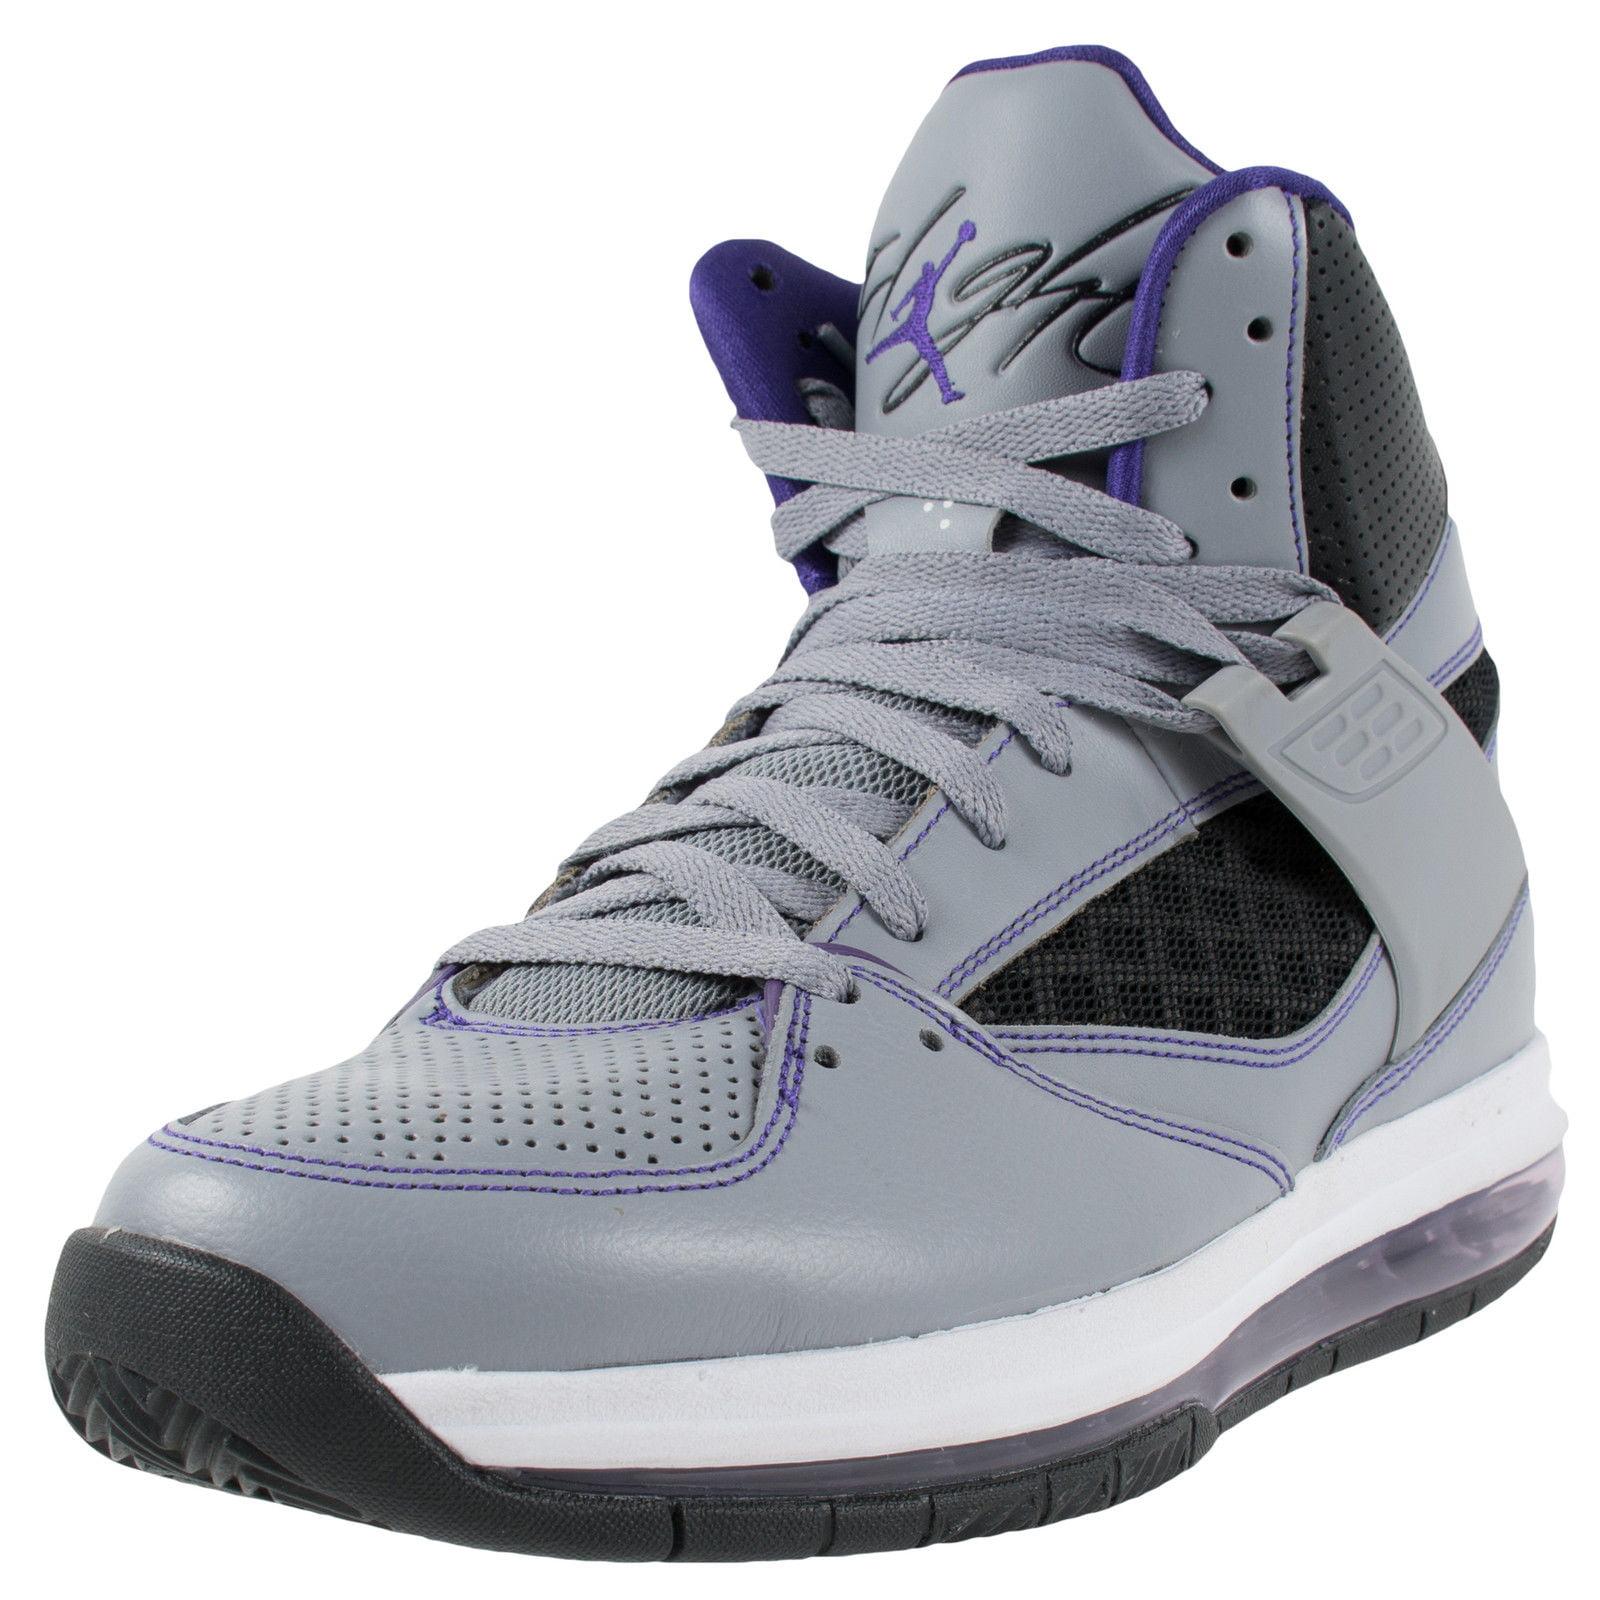 Nike AIR JORDAN FLIGHT 45 HIGH MAX STEALTH COURT PURPLE B...